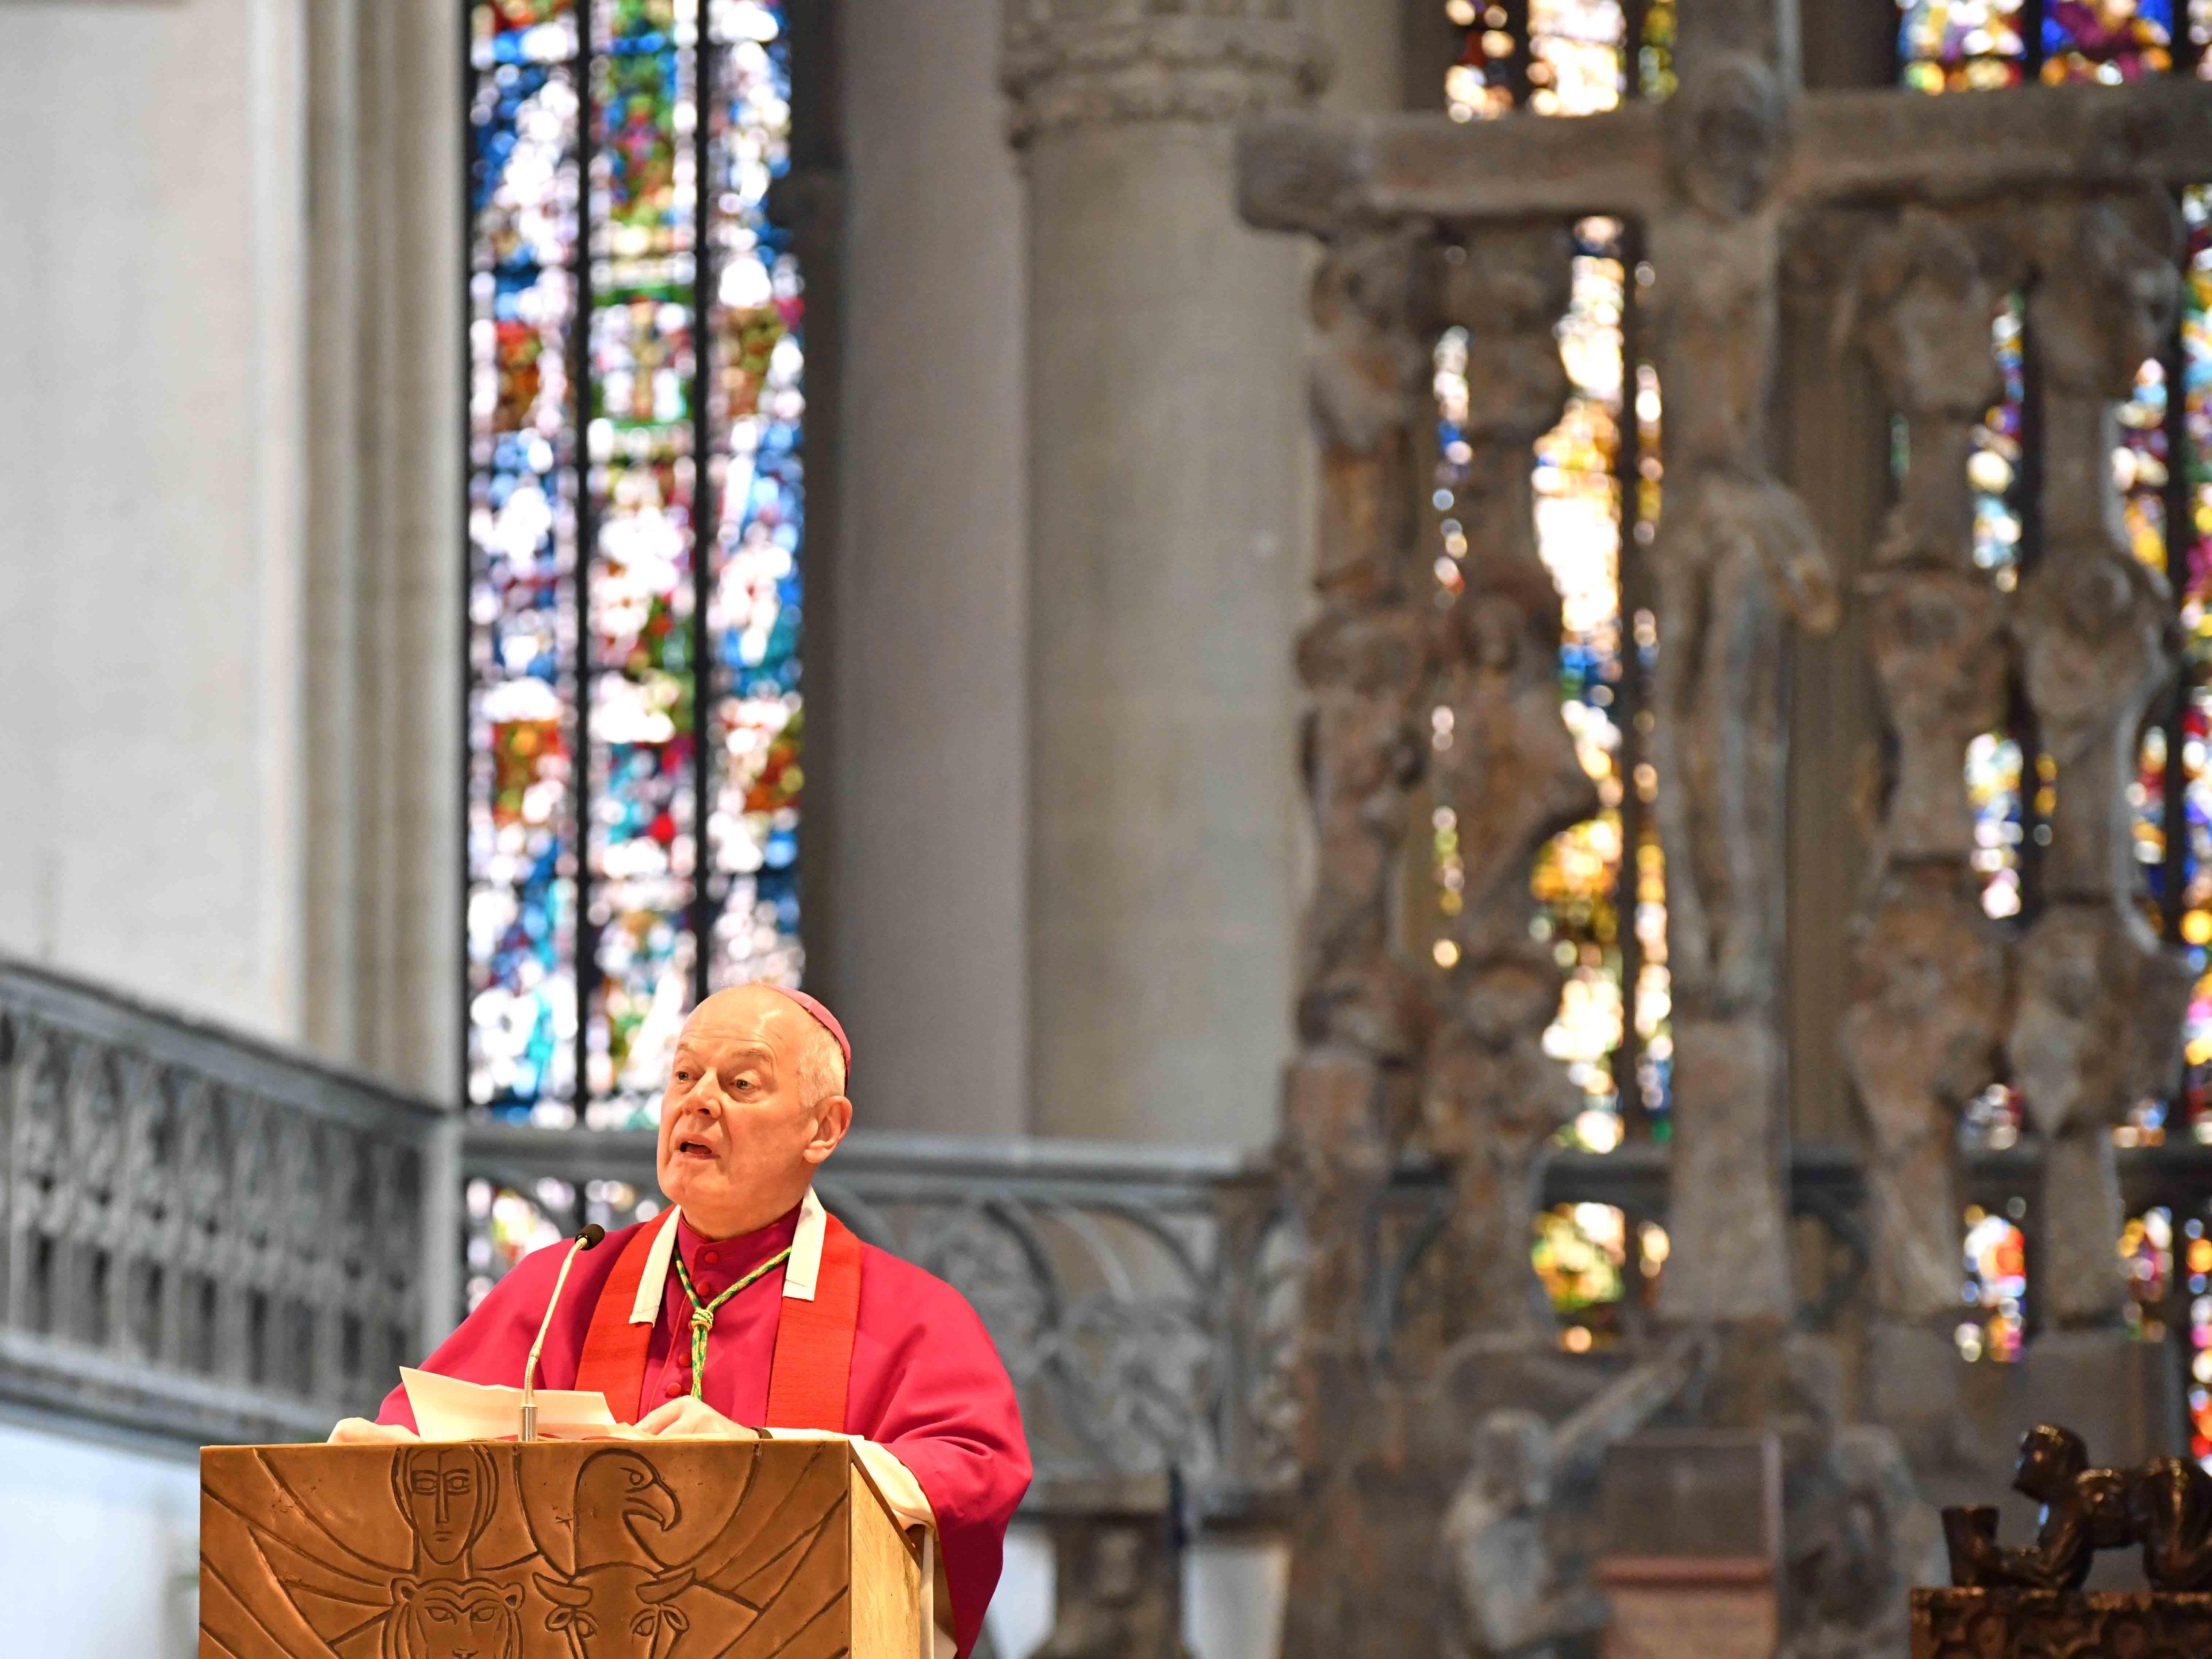 Weihbischof Dr. Dr. Anton Losinger bei der Predigt. (Fotos: Nicolas Schnall / pba)